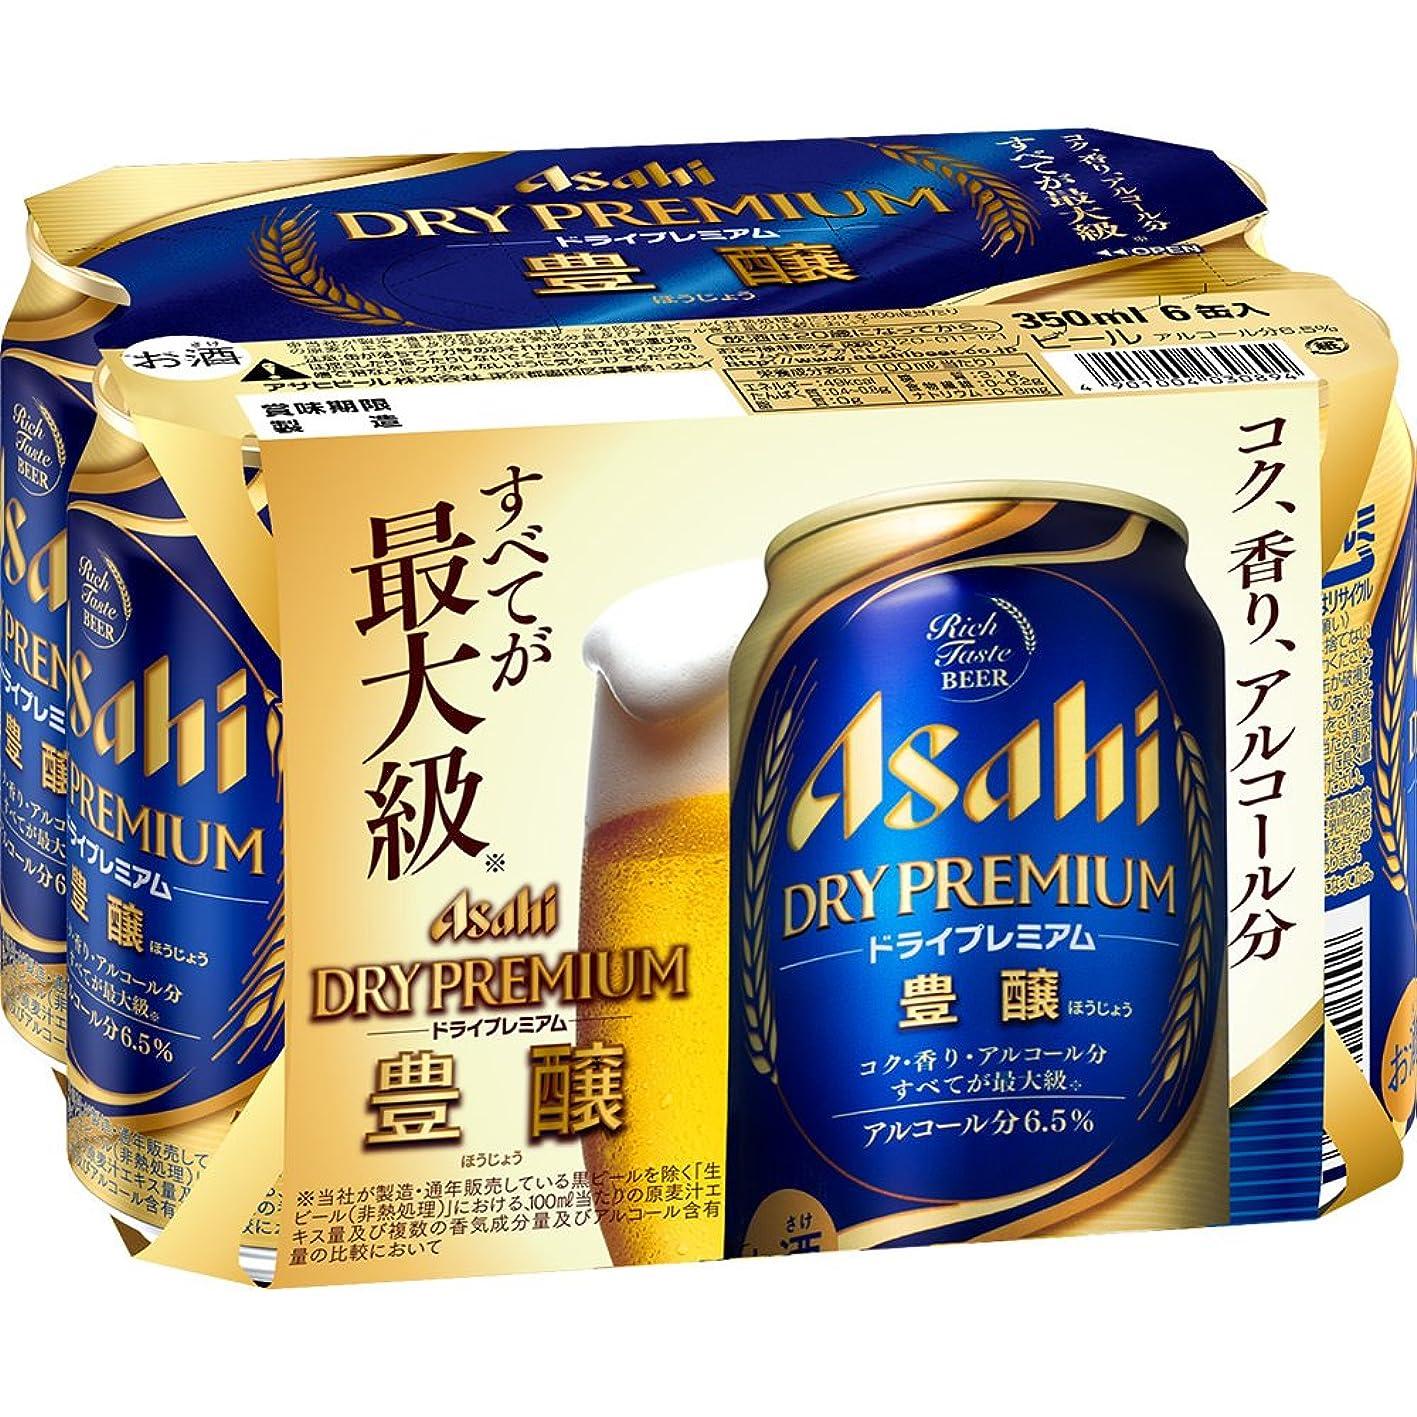 バイパスラッカスコンサルタントアサヒ ドライプレミアム豊醸 350ml×6缶パック